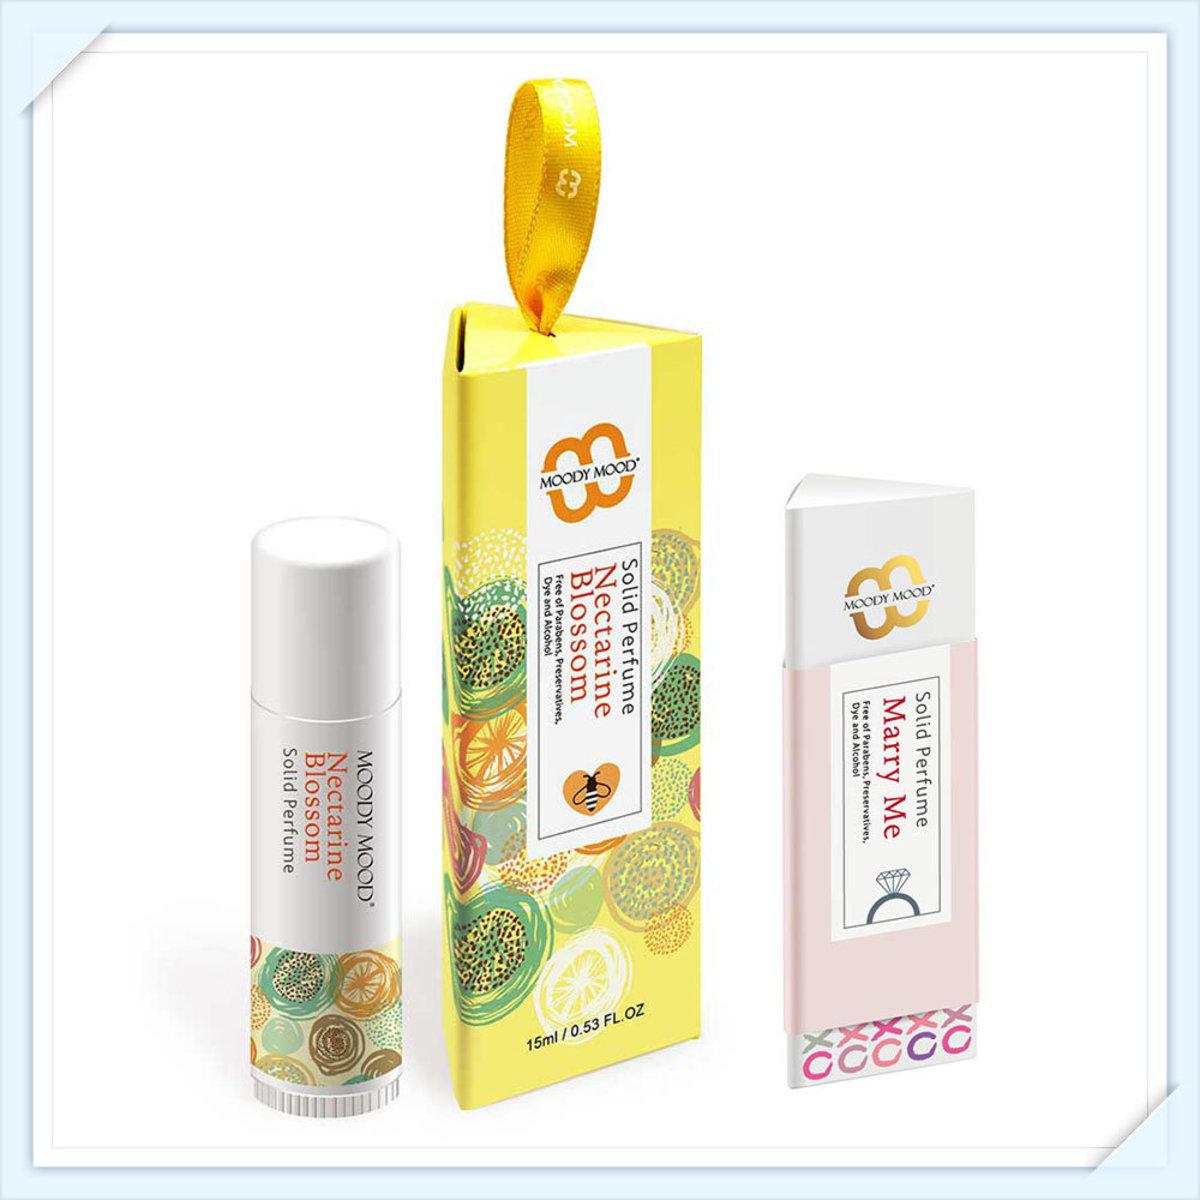 韓國製手工香水膏兩支裝(15g+5g)・杏桃花與蜂蜜及Marry Me